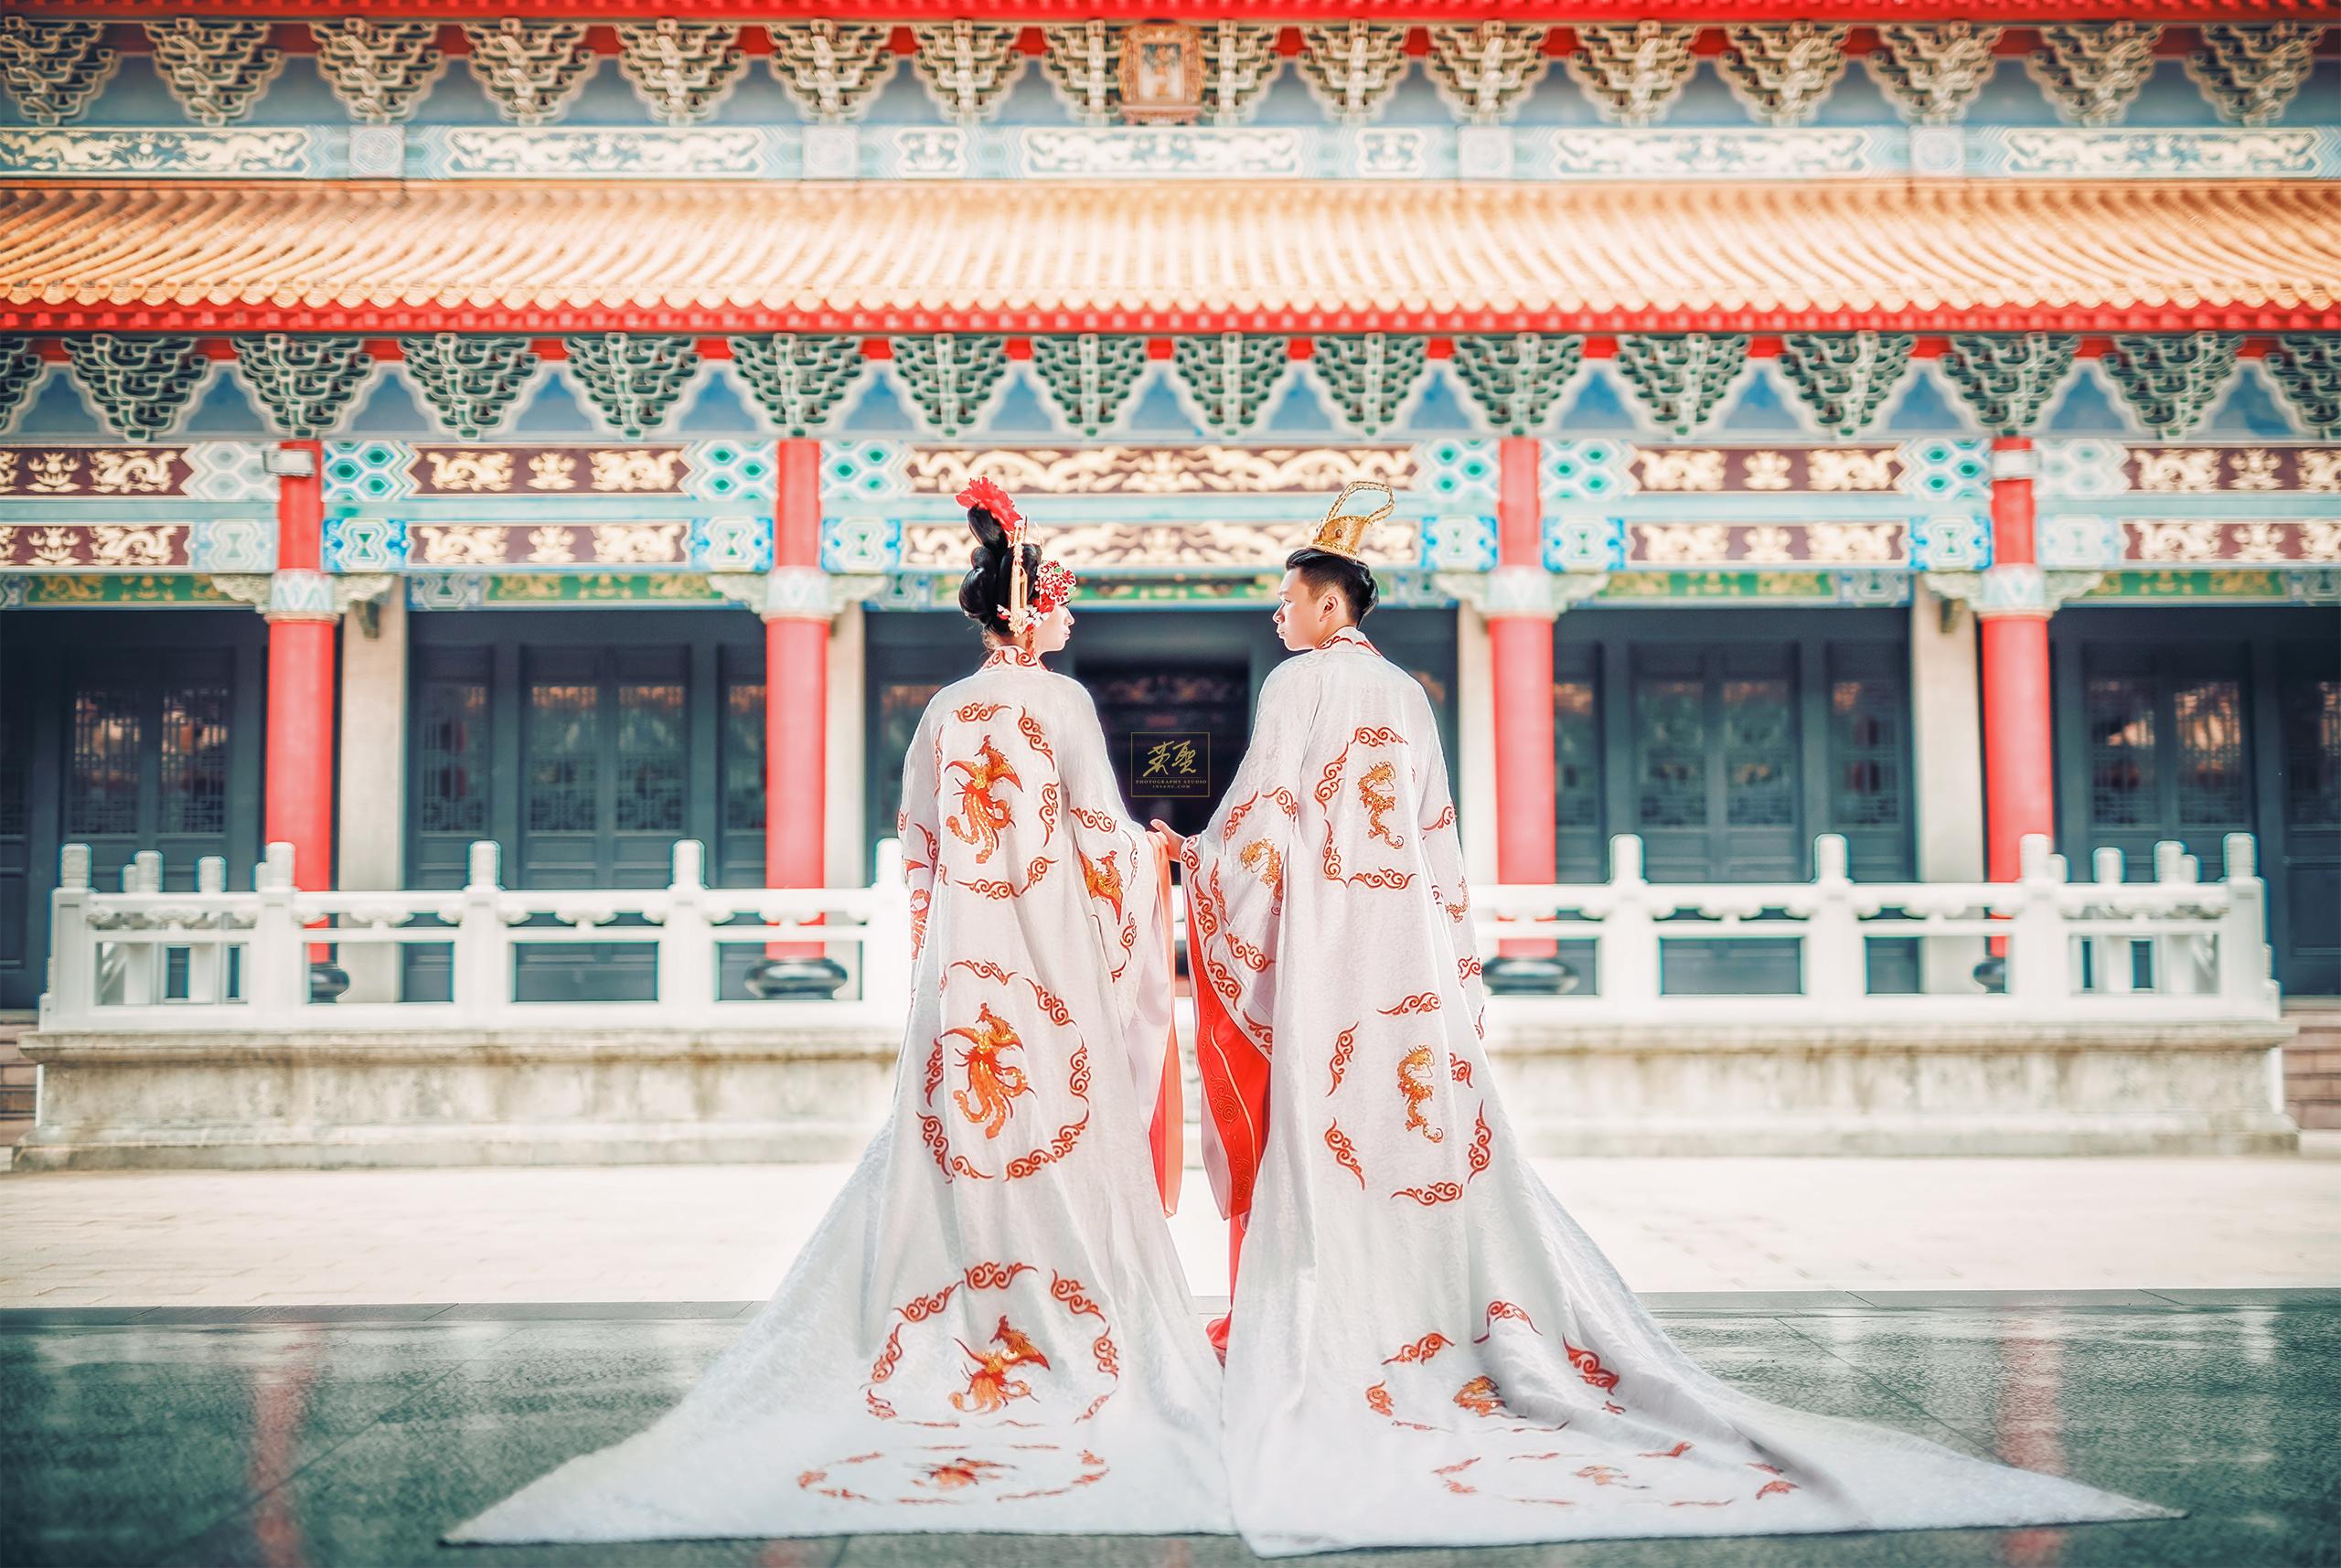 攝影 : 英聖叔叔 婚攝英聖 Insan Photography 燈光 : Kane Hsu 叔叔 造型 : 蔡昀臻 (Janice Tsai)